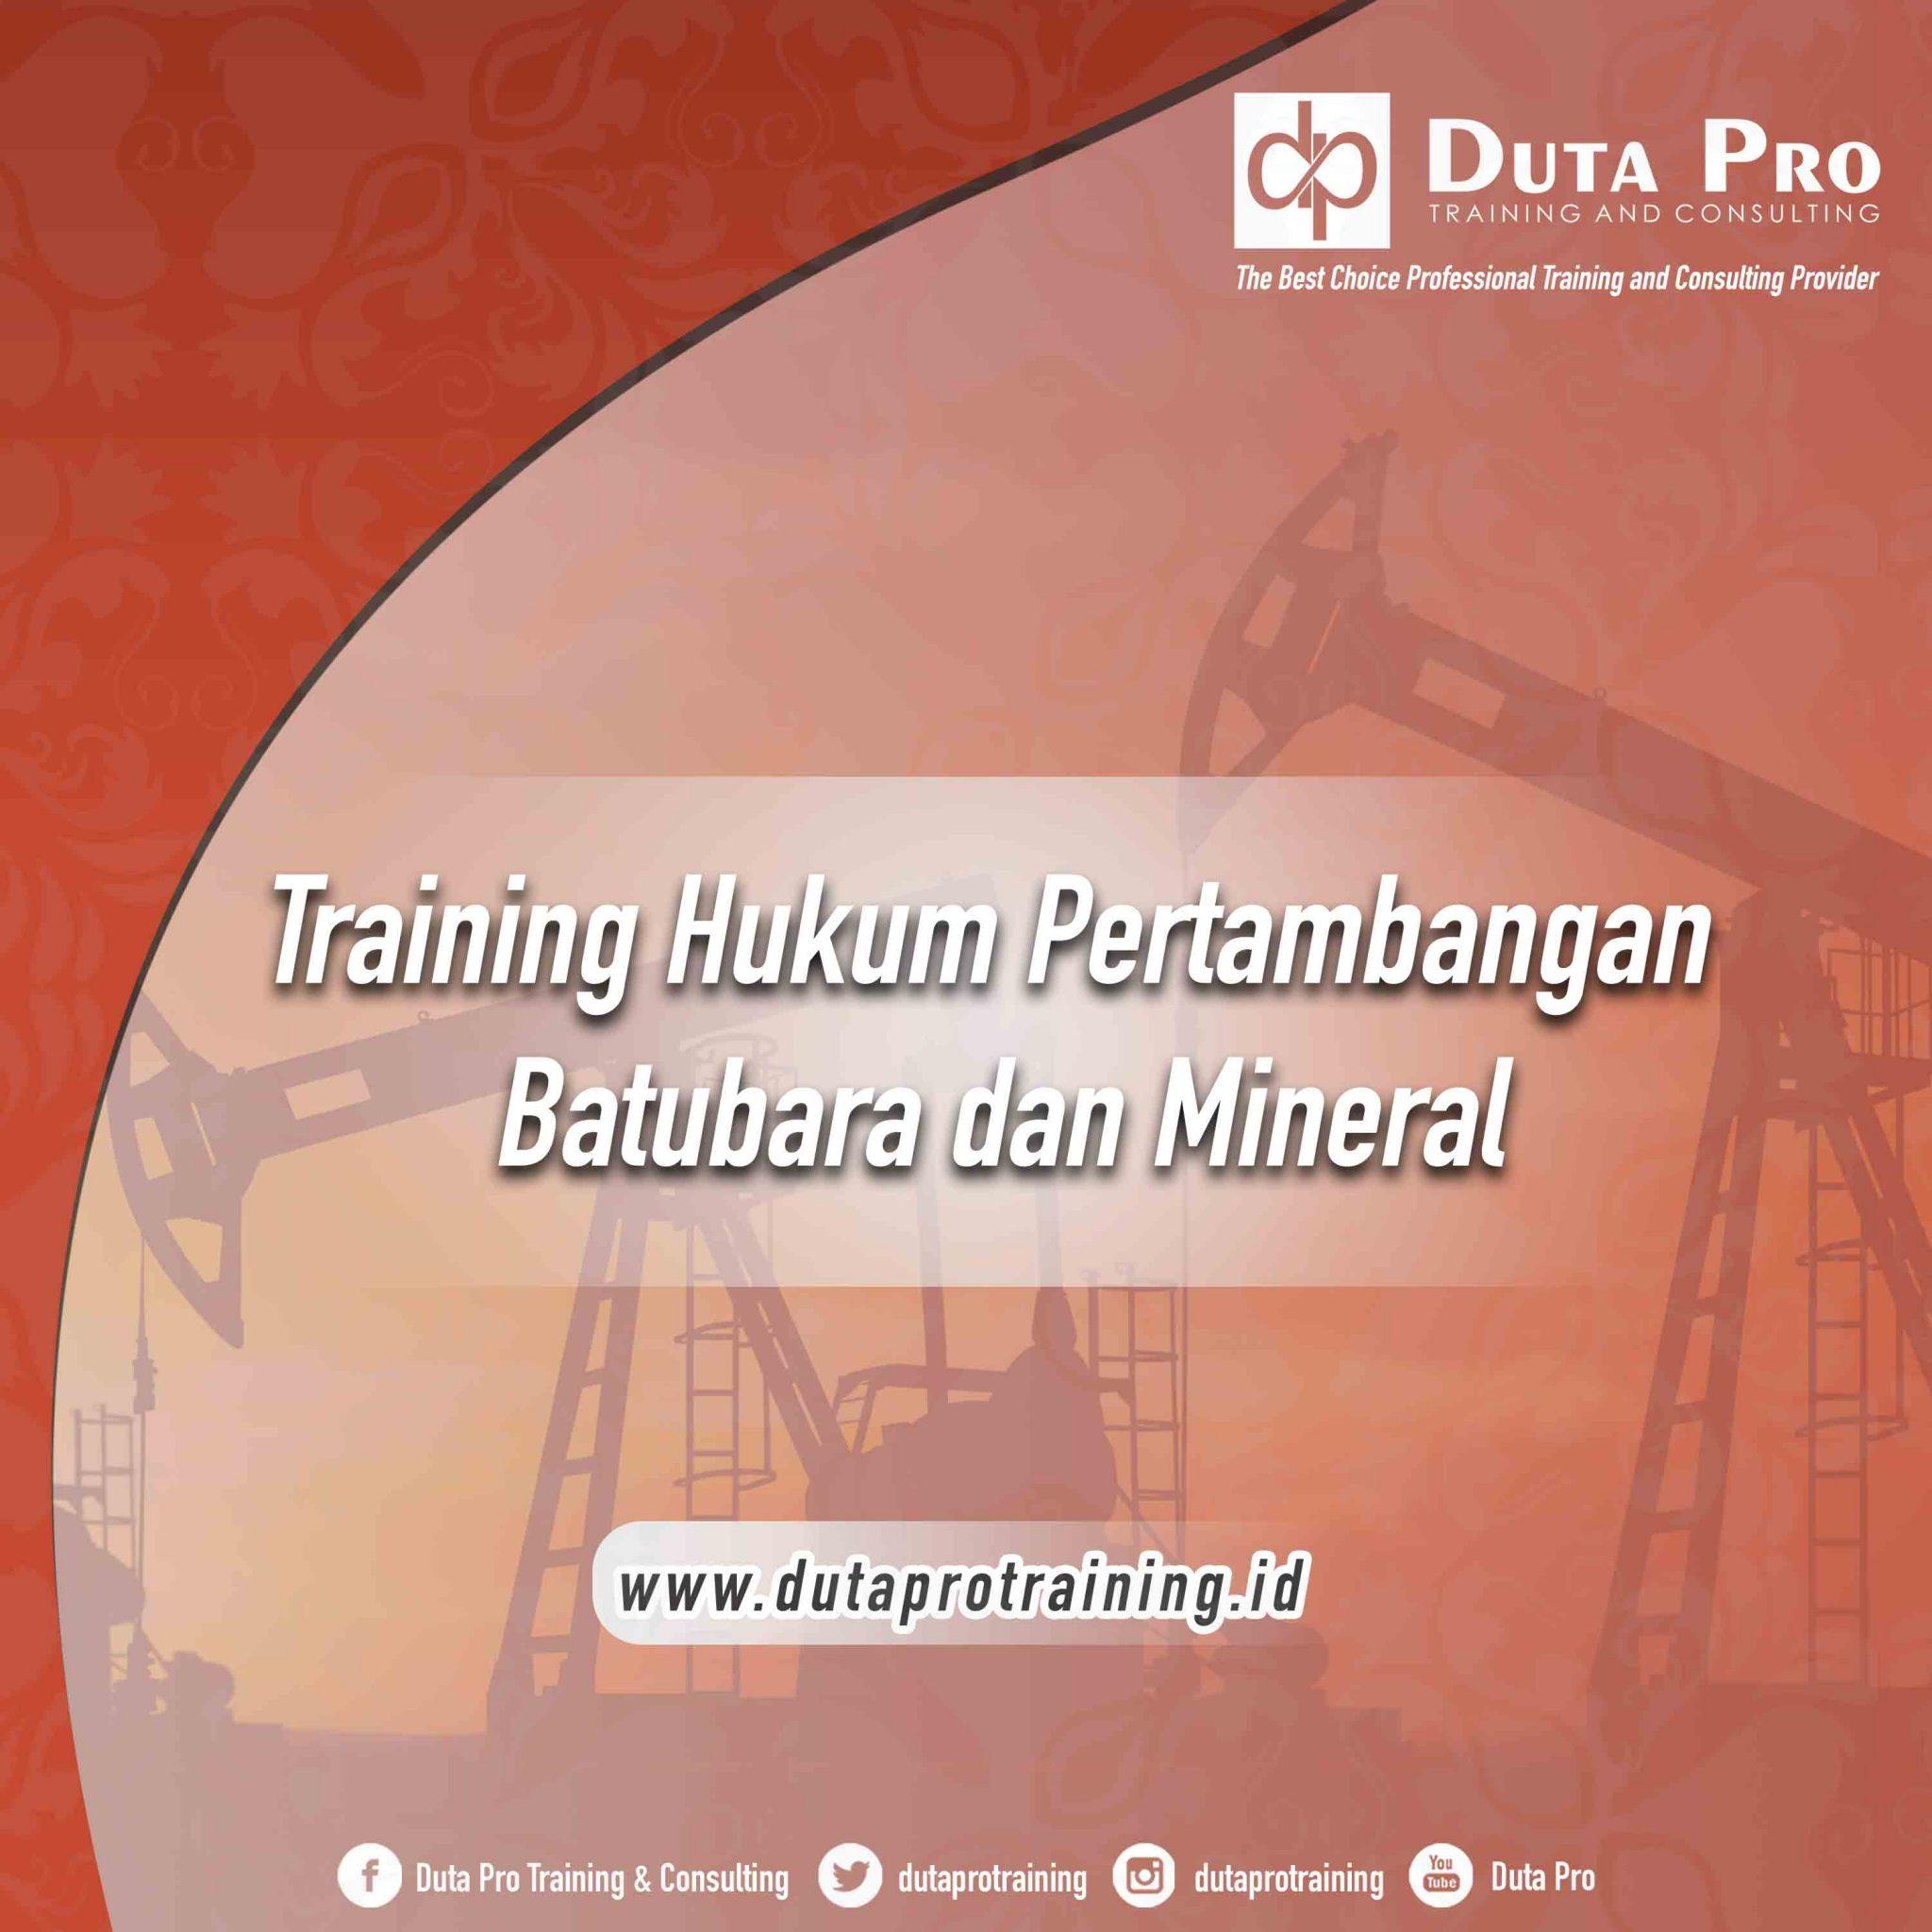 Training Hukum Pertambangan Batubara dan Mineral